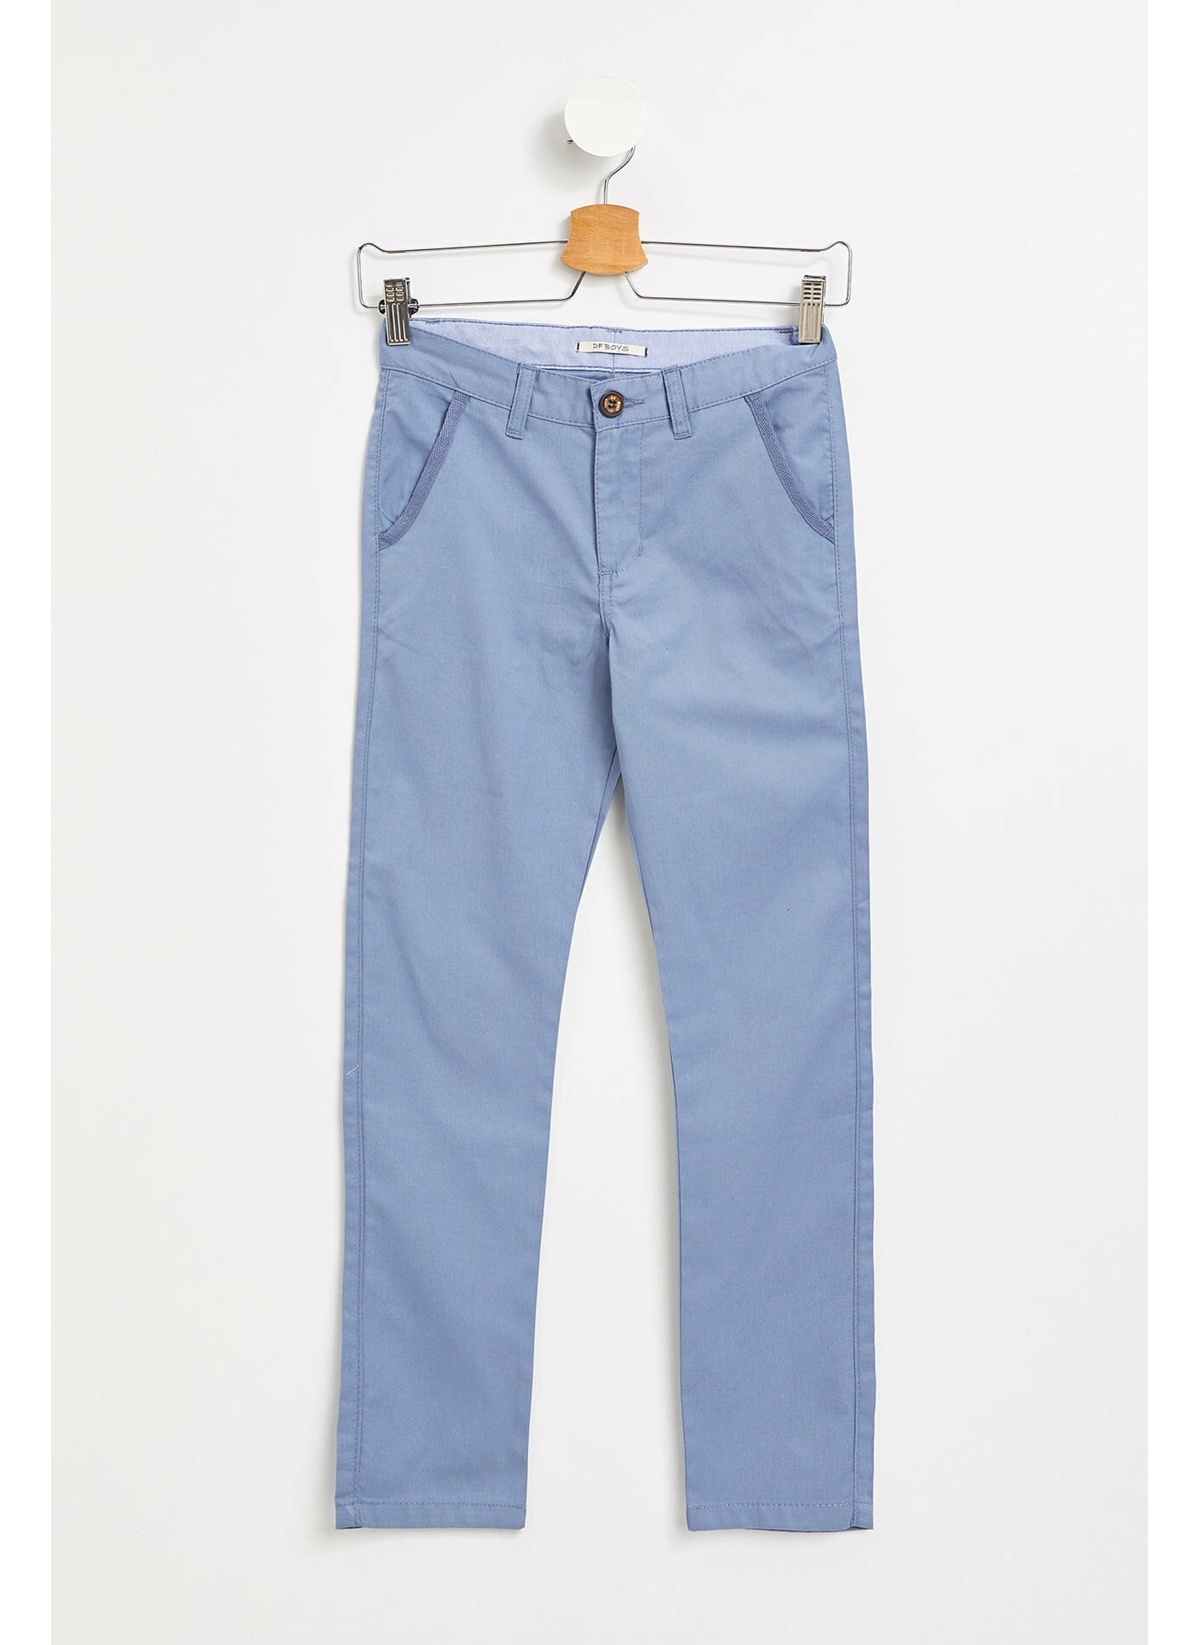 Defacto Pantolon K2380a619smbe625 Slim Fit Pantolon – 59.99 TL